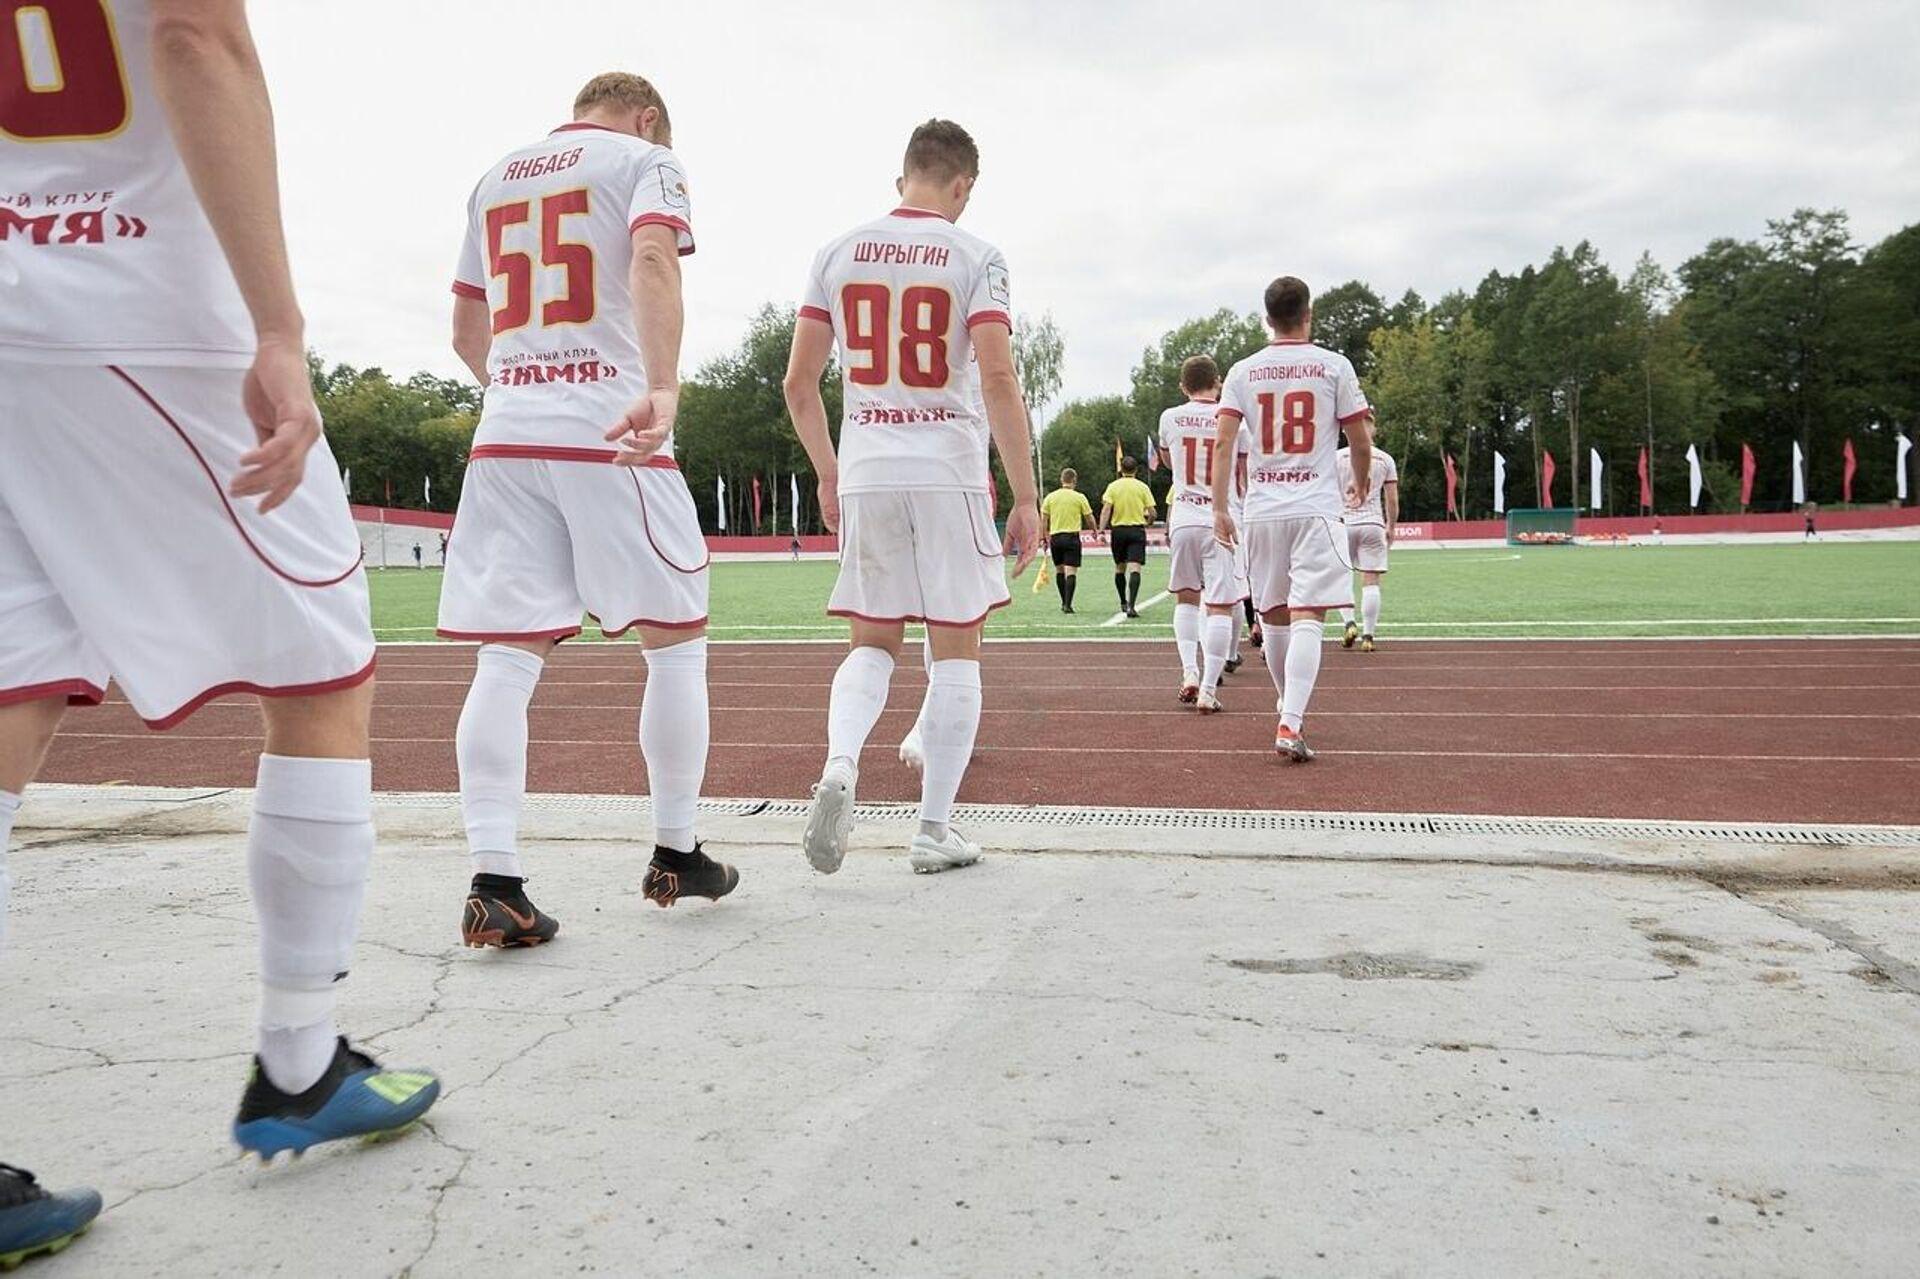 Футболисты Знамени - РИА Новости, 1920, 22.09.2021